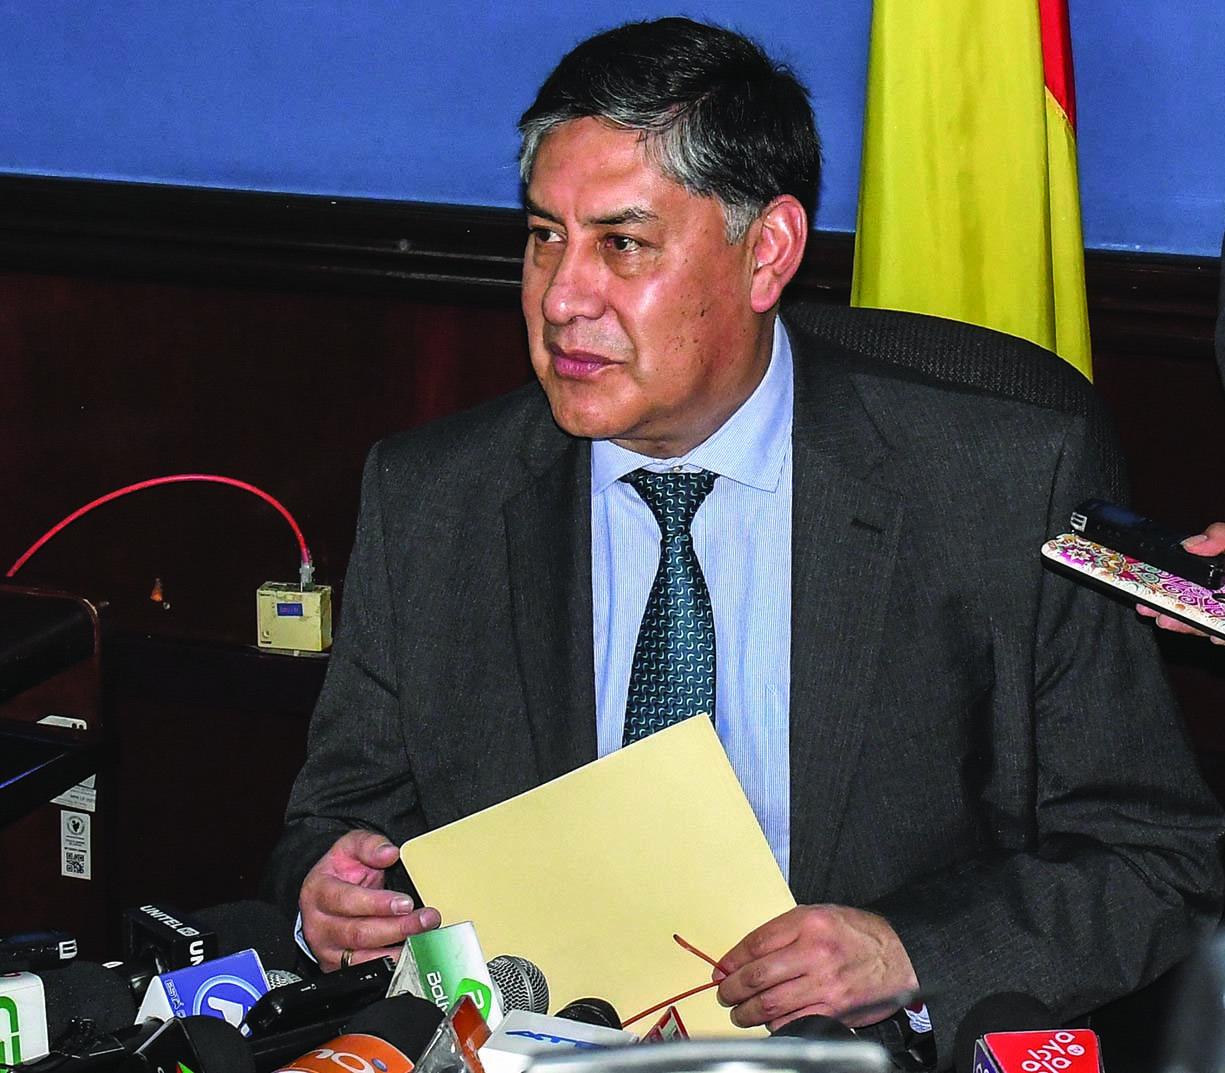 El Fiscal General del Estado retira apelación de 20 a 30 años de cárcel para Jhiery Fernández